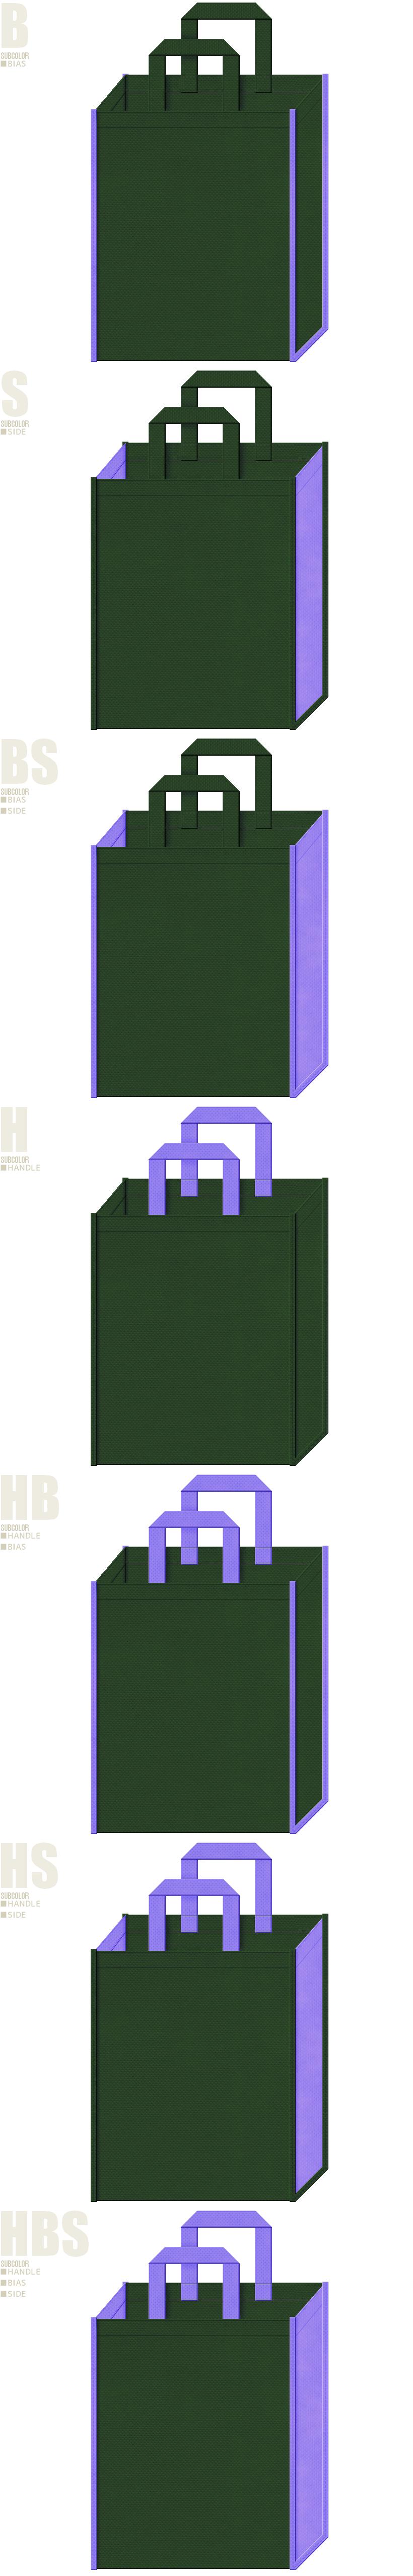 濃緑色と明るめの紫色、7パターンの不織布トートバッグ配色デザイン例。花菖蒲風の不織布バッグにお奨めの配色です。